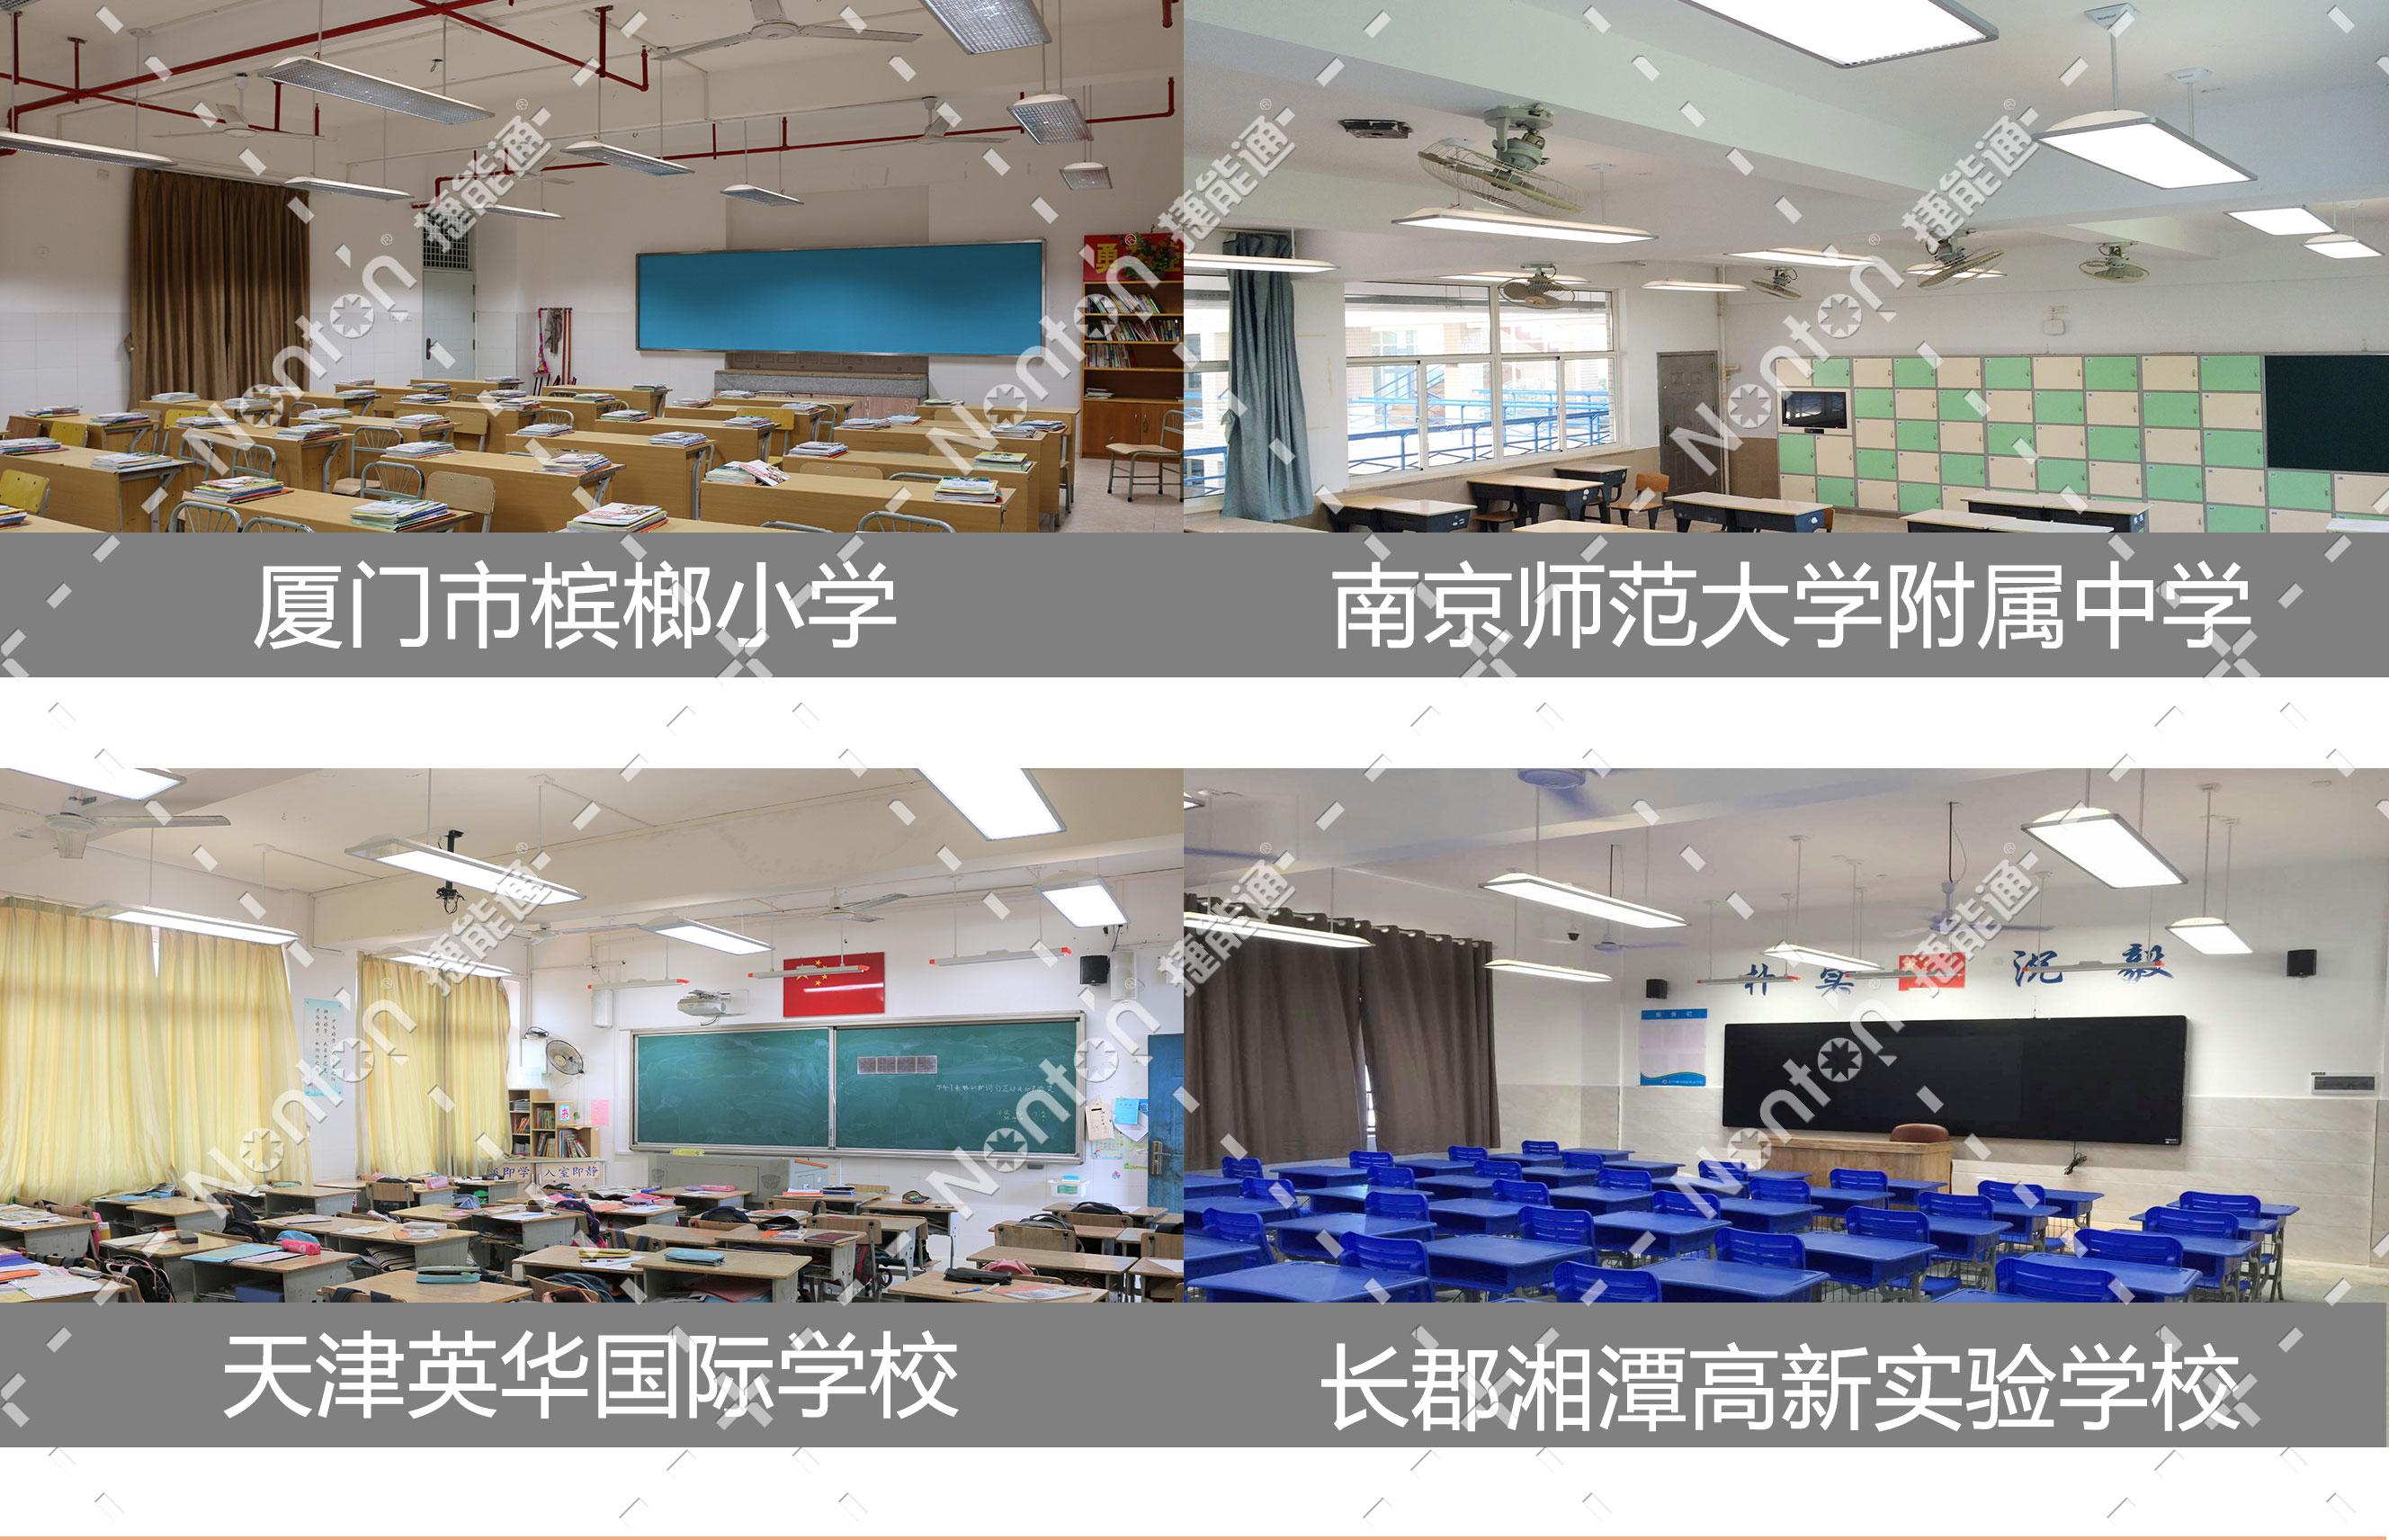 学校办公室灯 办公室灯 学校照明改造 节能改造 灯光改造 教育系统照明